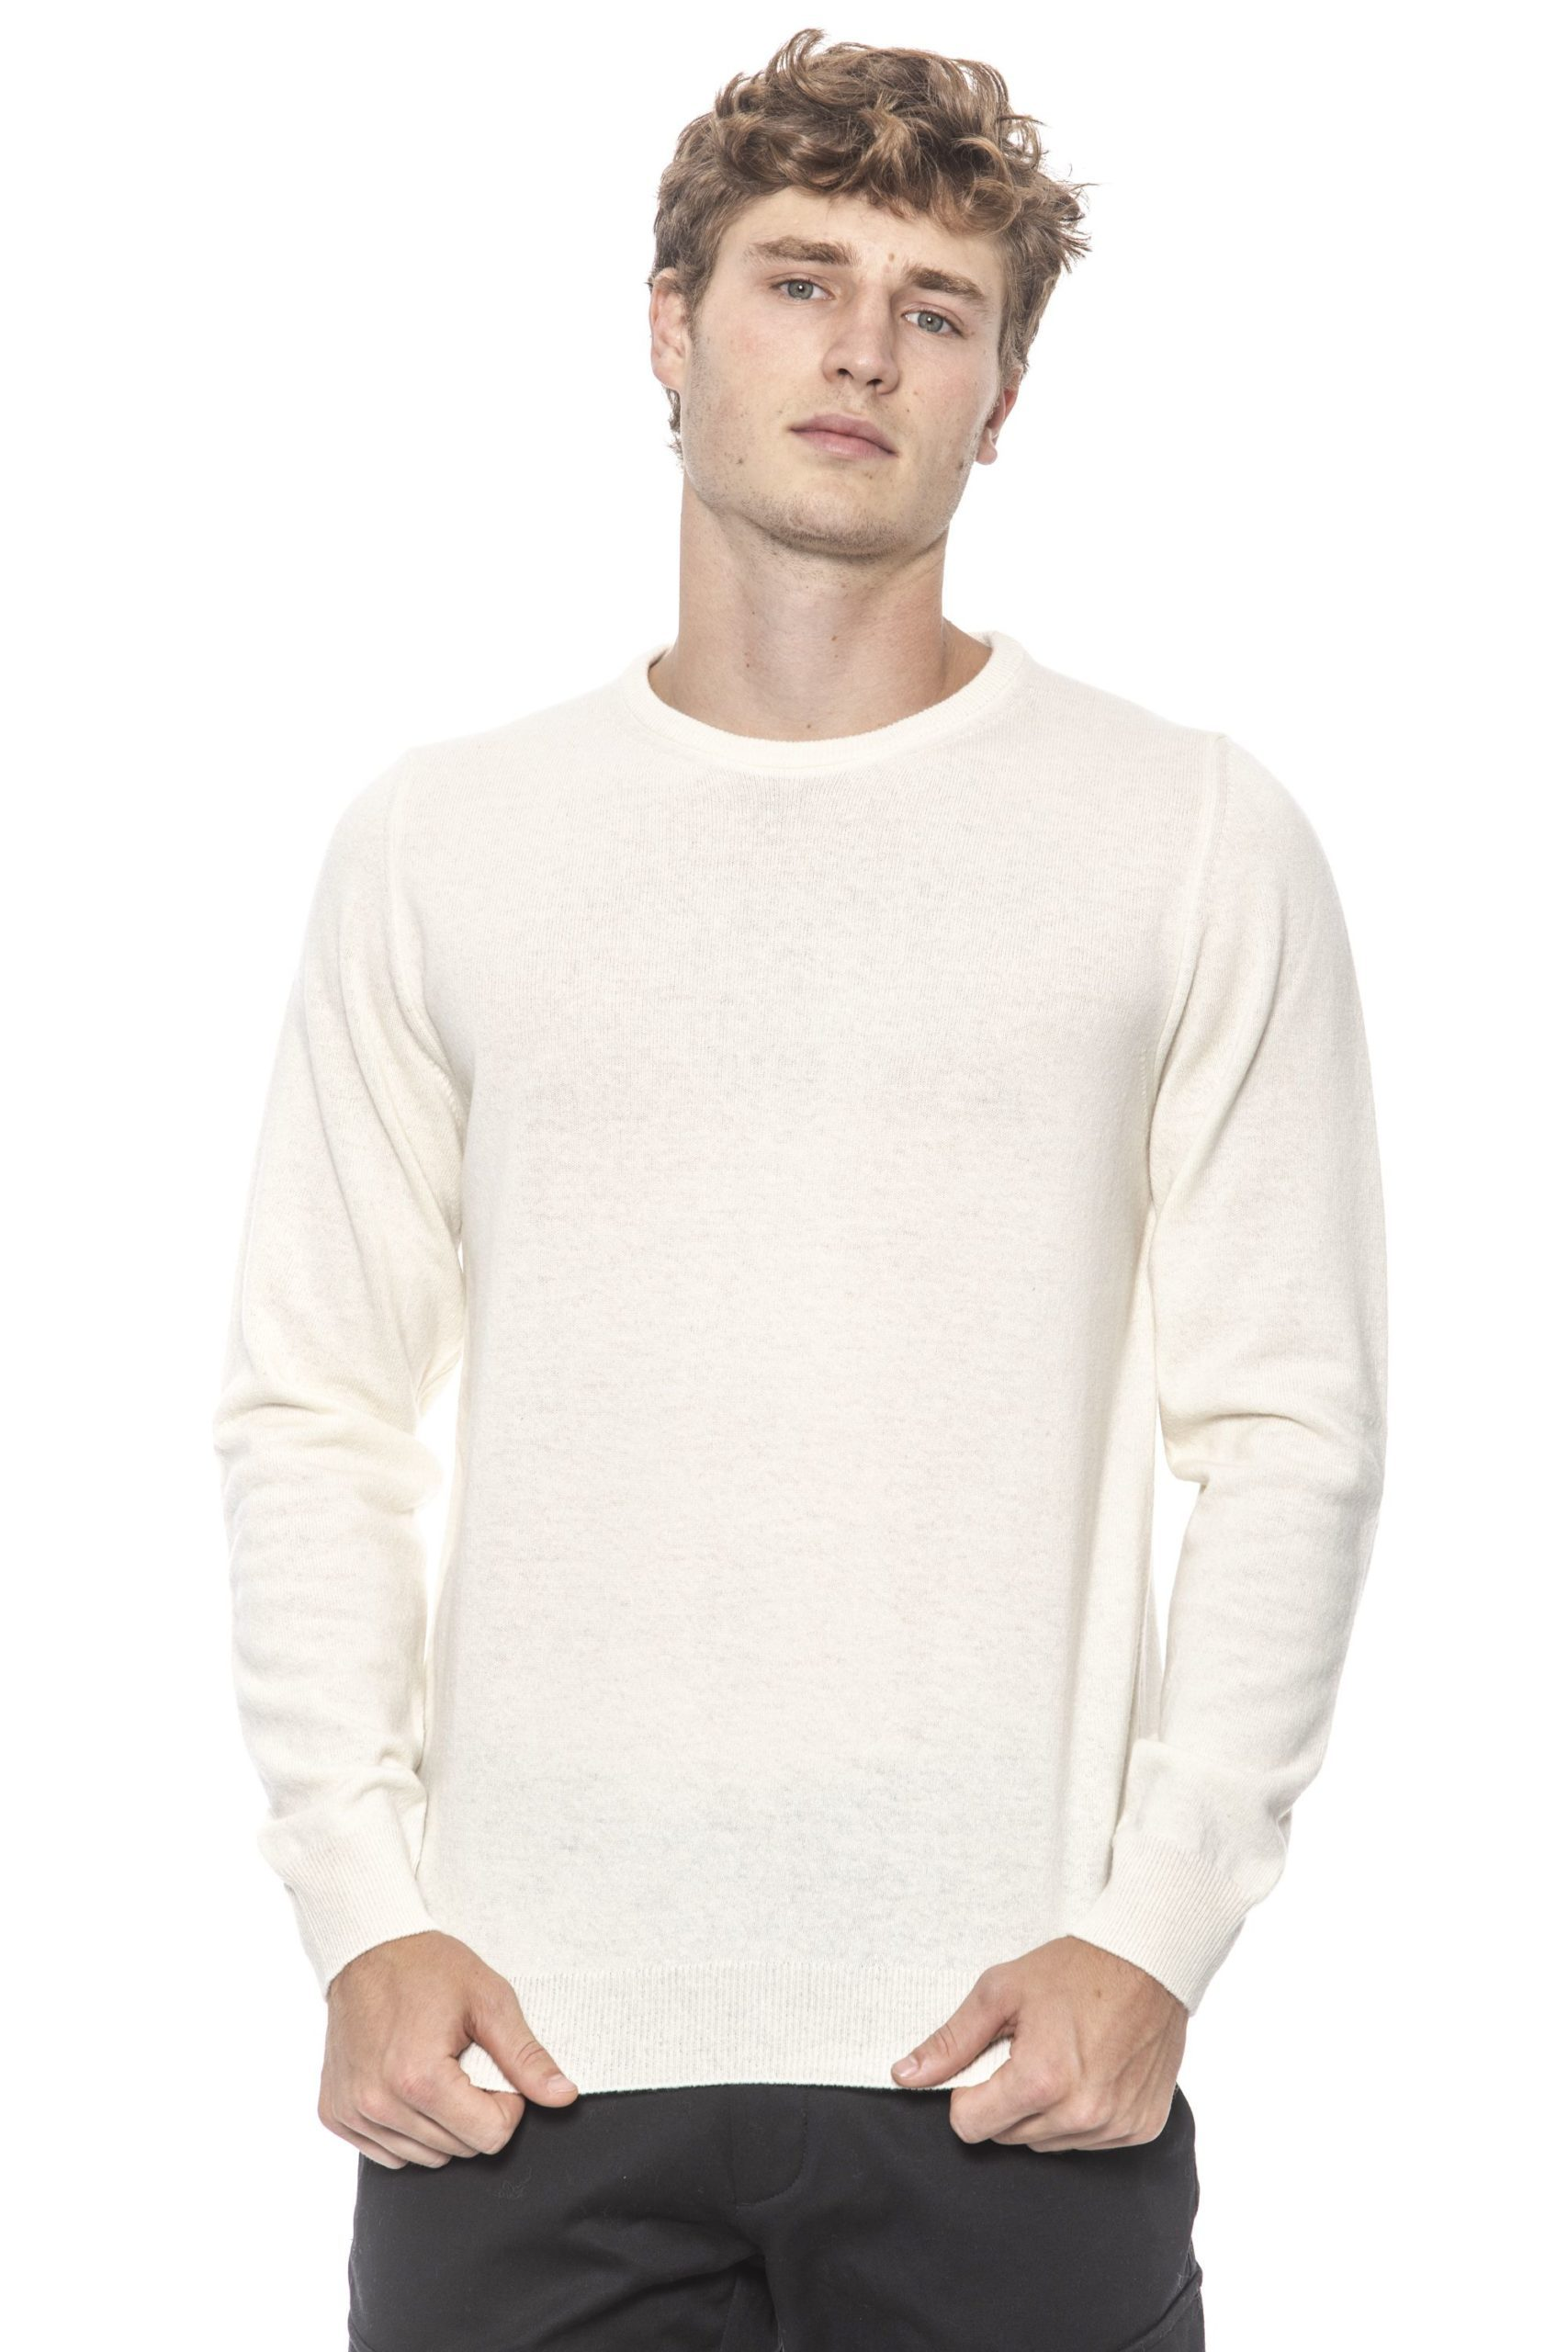 +39 MASQ Men's Bianco Sweater White 31272605 - S